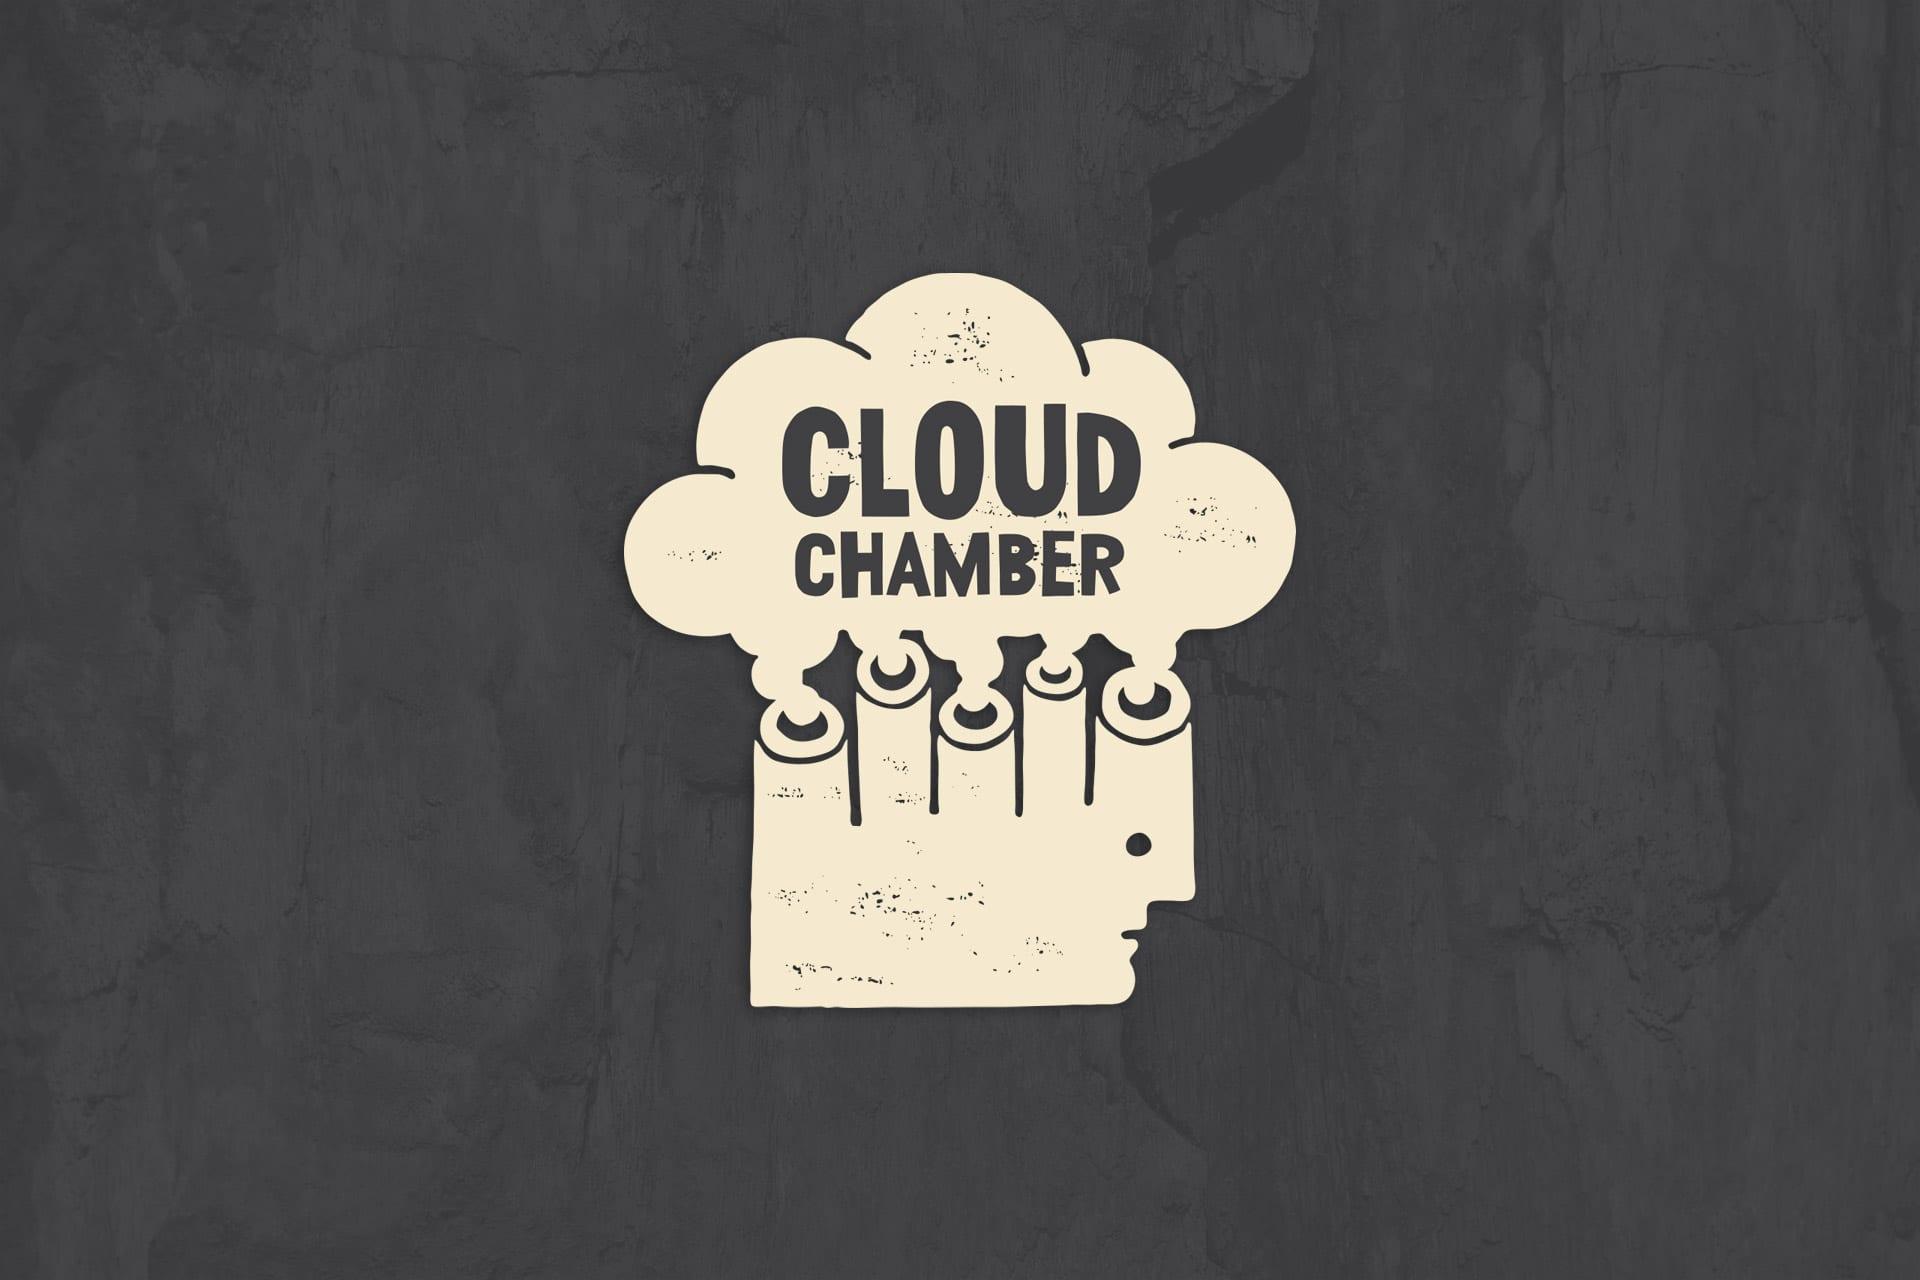 , 2K annuncia il nuovo studio Cloud Chamber, al lavoro su BioShock